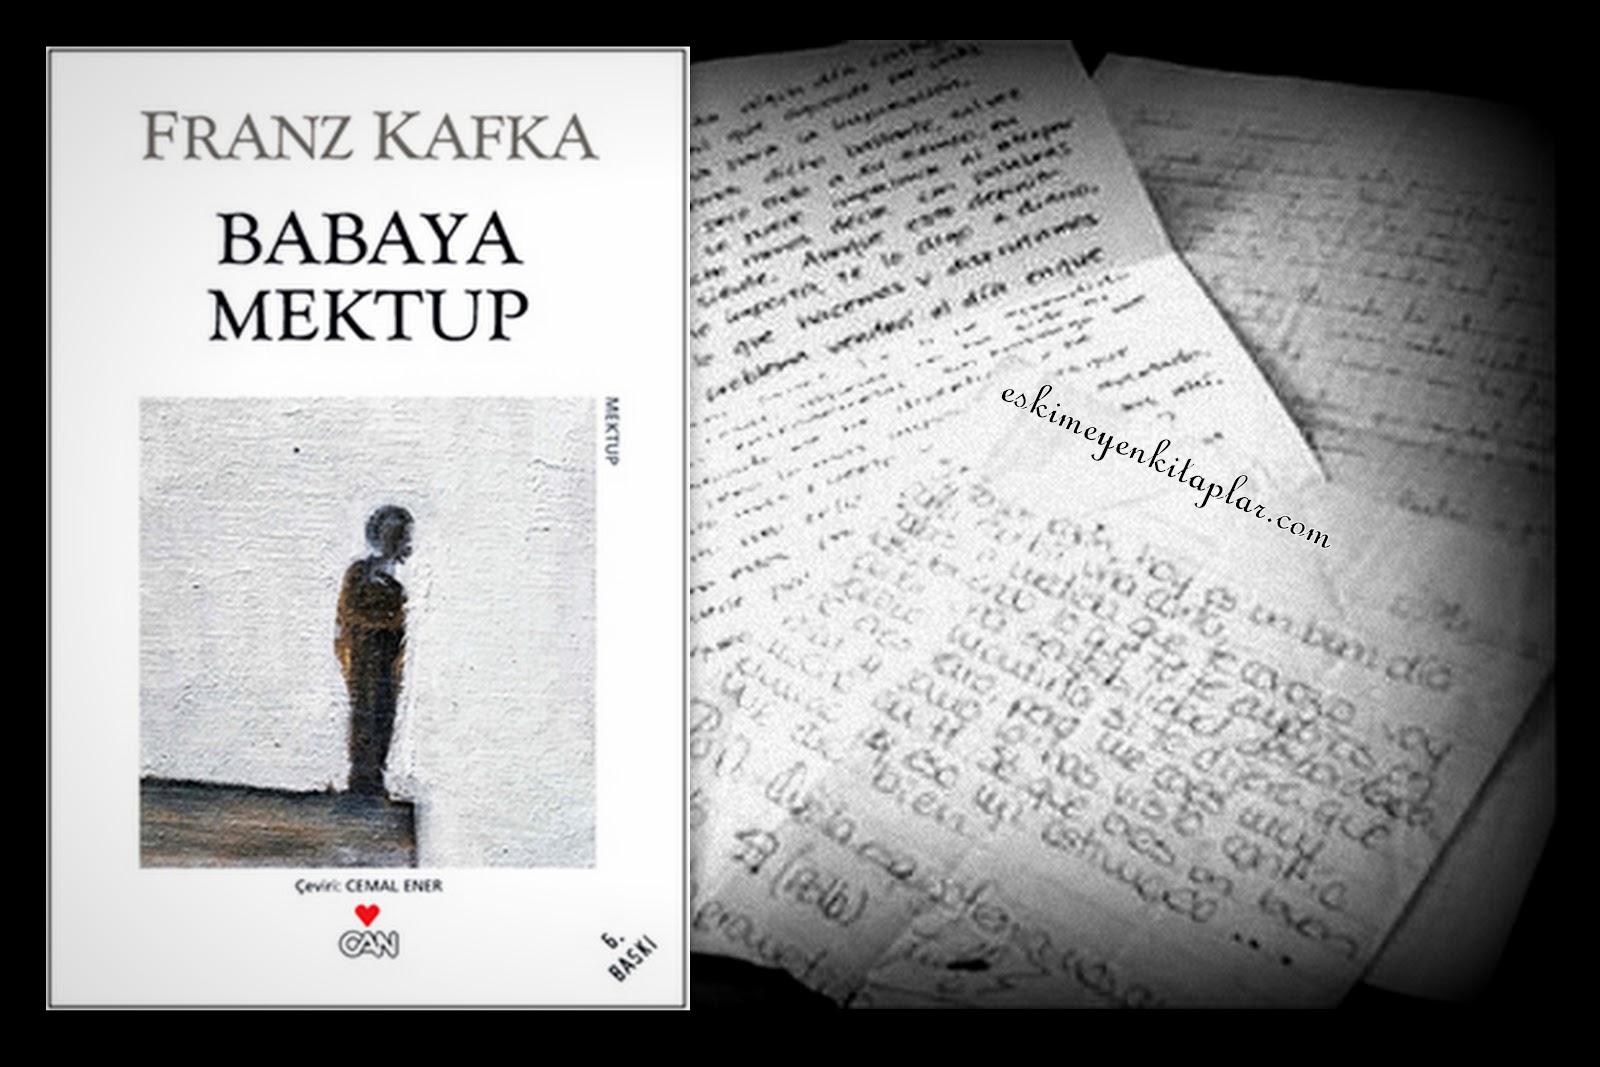 babaya-mektup-franz-kafka